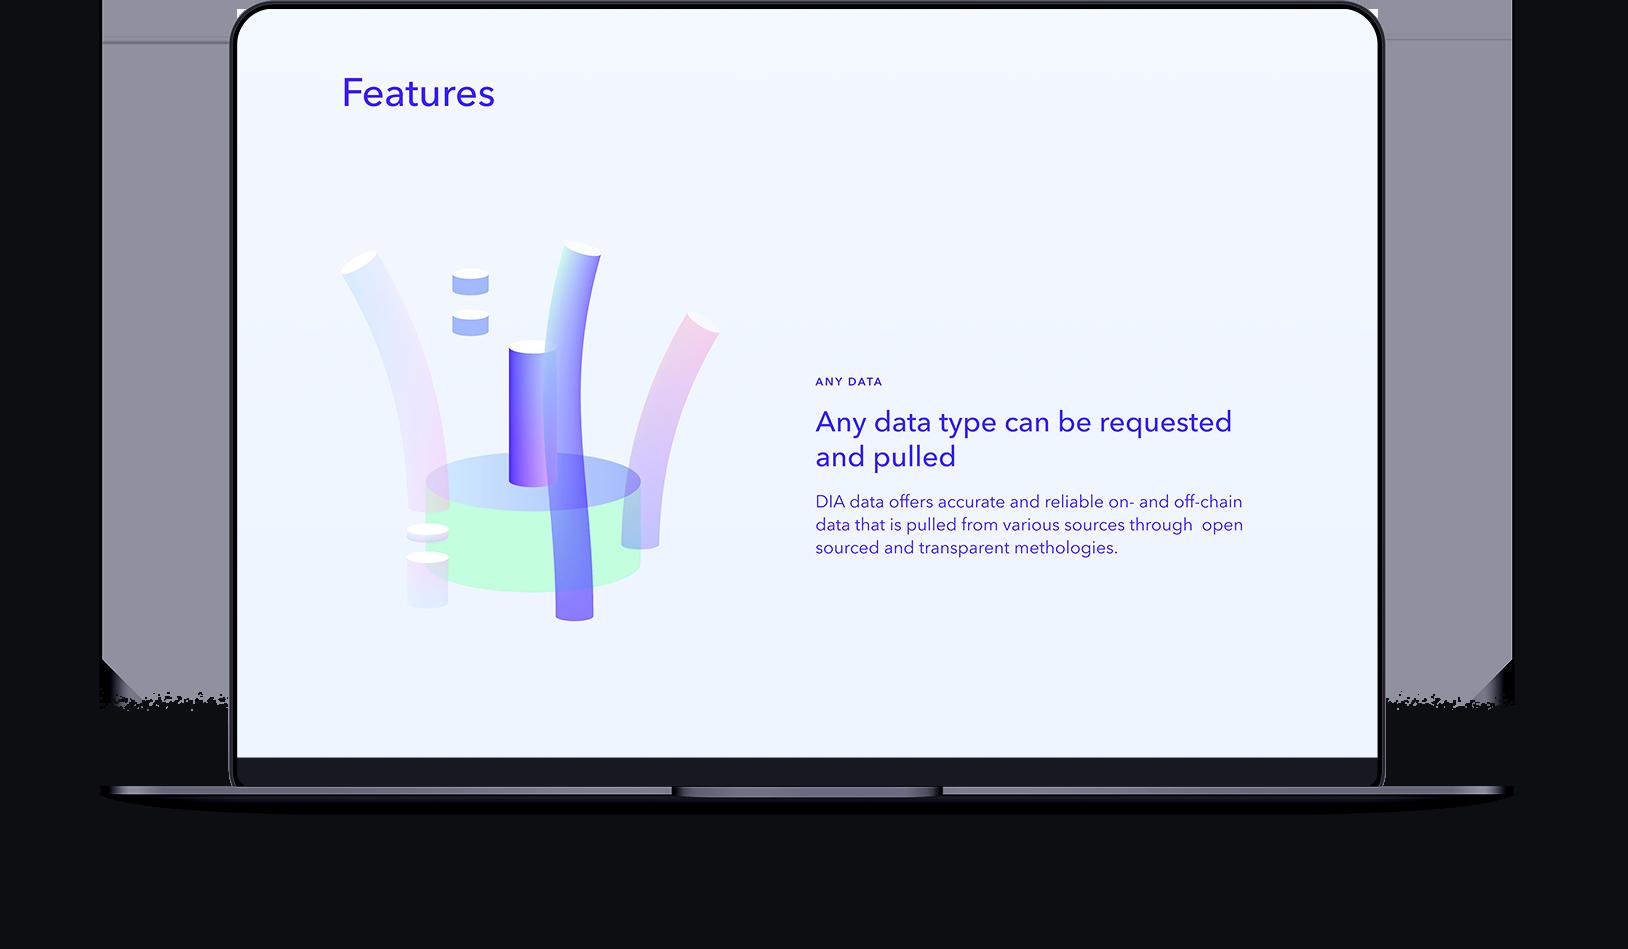 DIA_Macbook_2000px_features